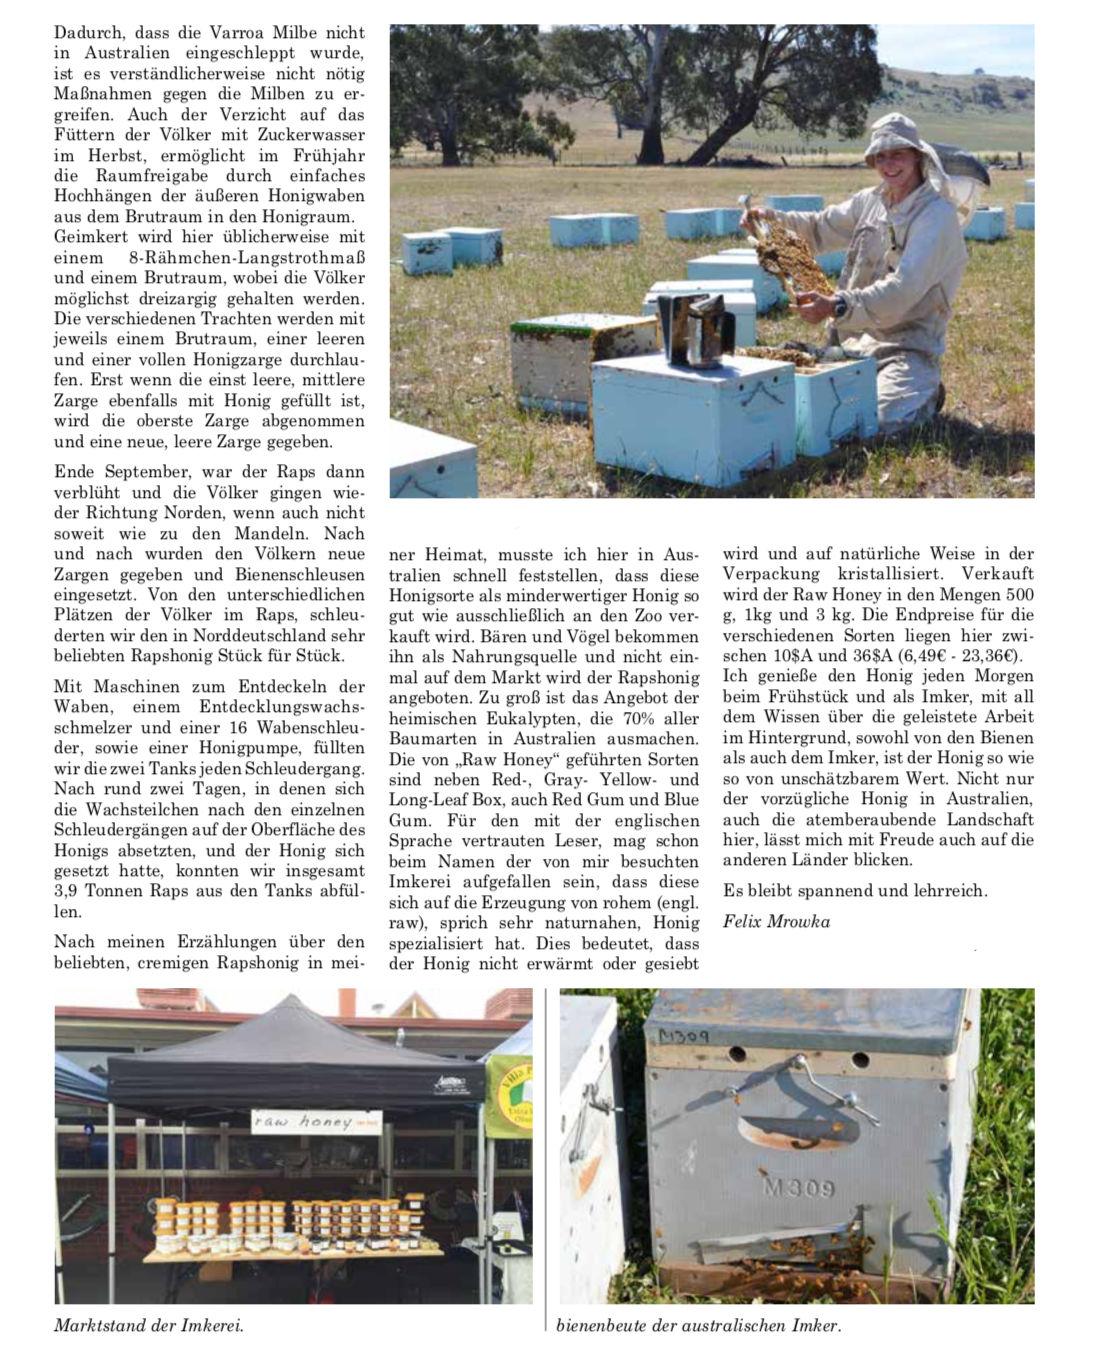 Artikel Der Frühling in Australien Seite 2 Die Neue Bienenzucht Felix Mrowka